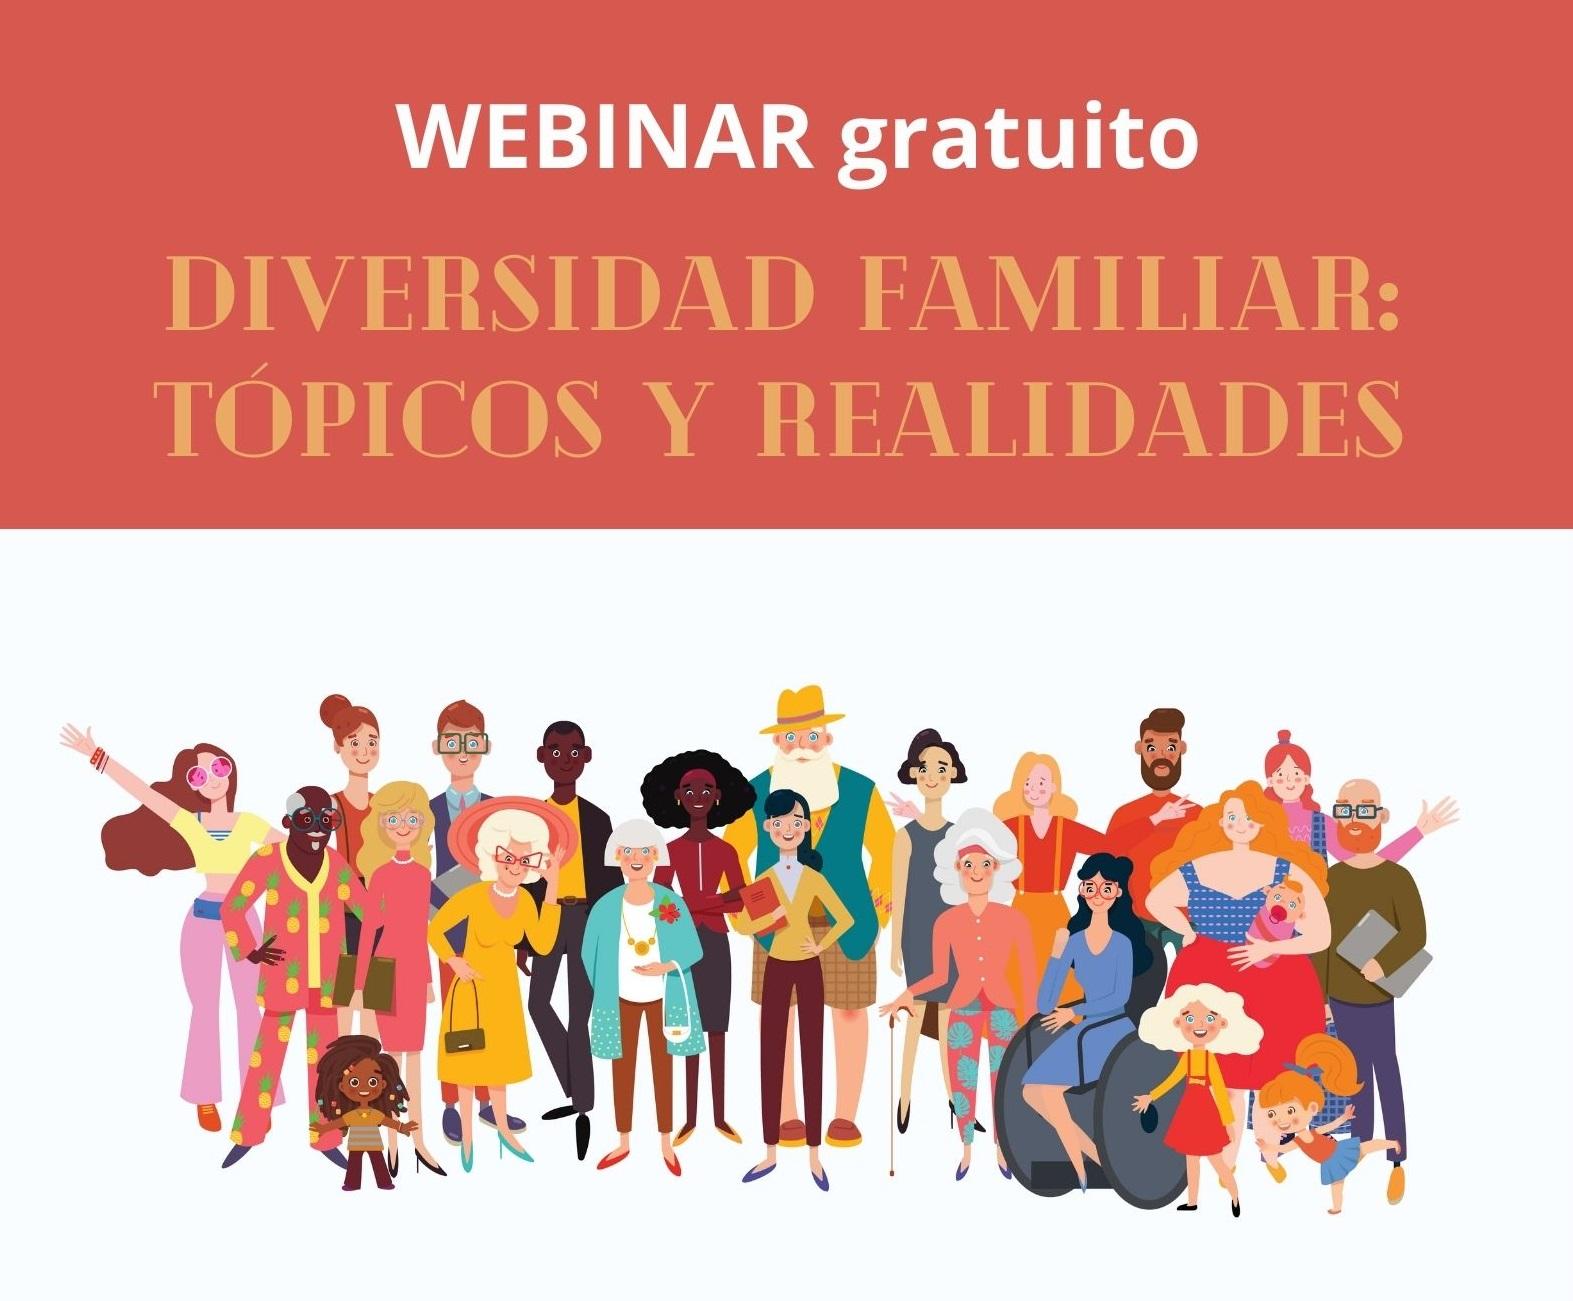 Webinar Diversidad familiar: Tópicos y realidades